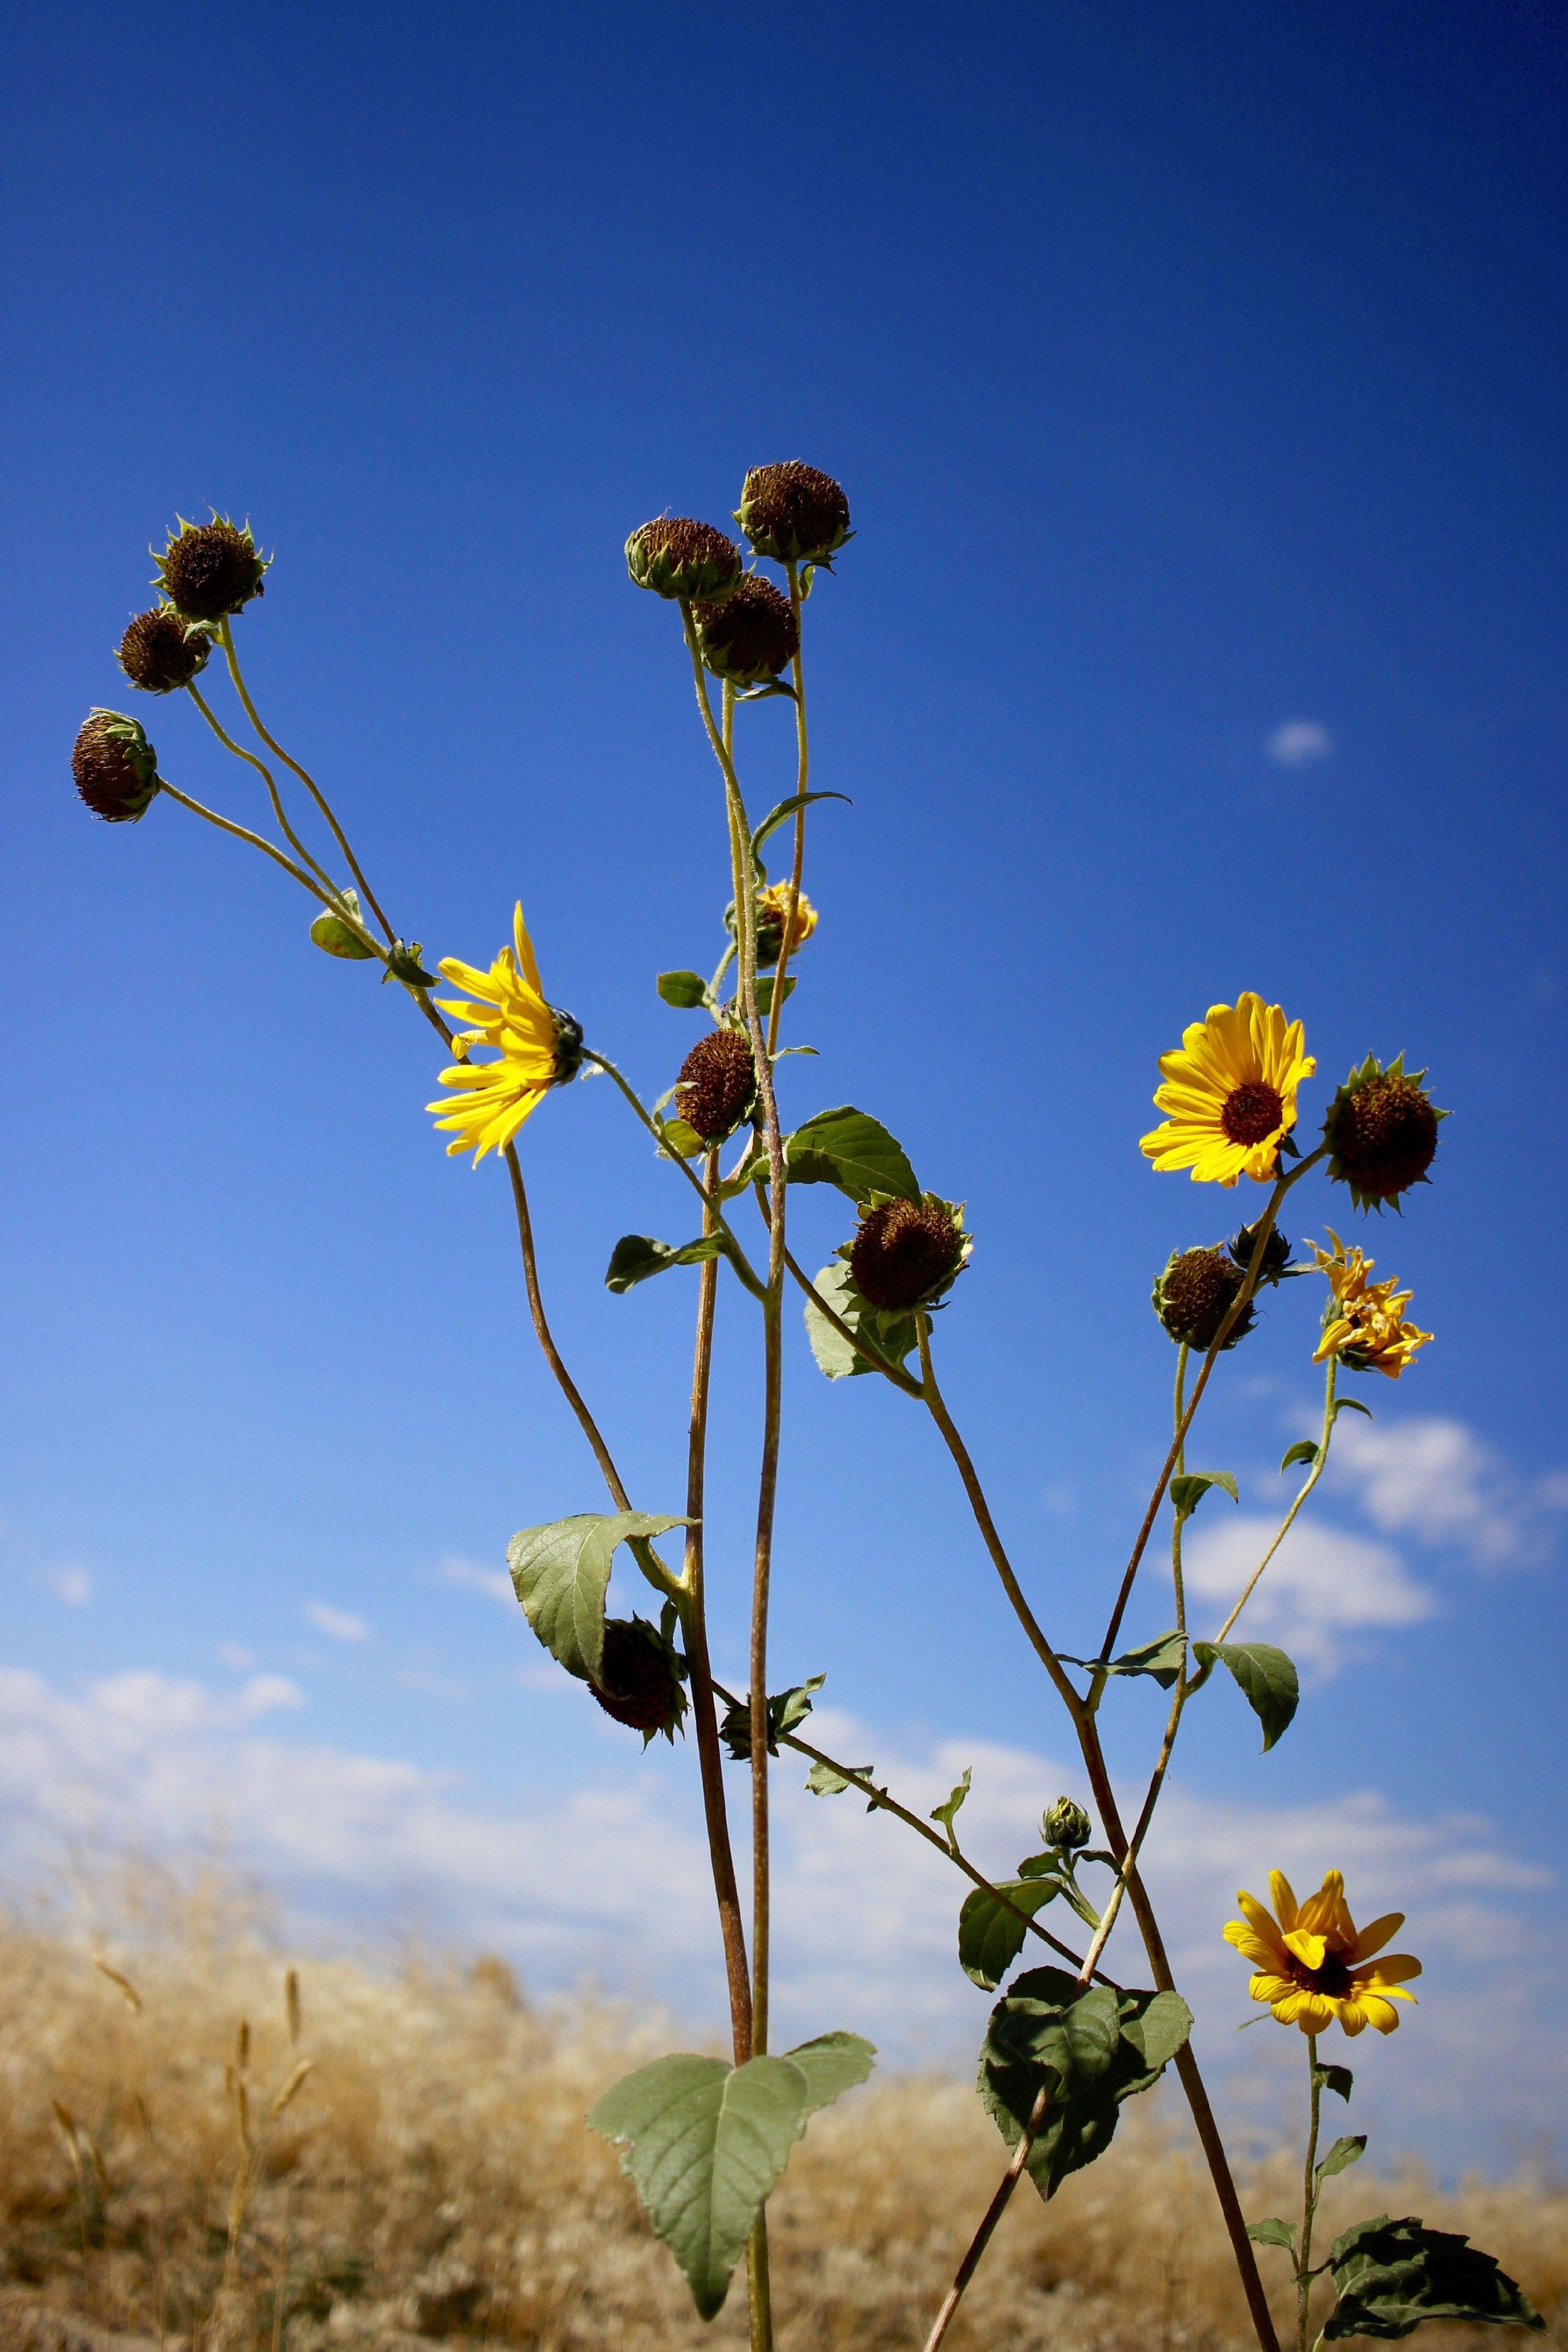 Roadside sunflowers in Idaho